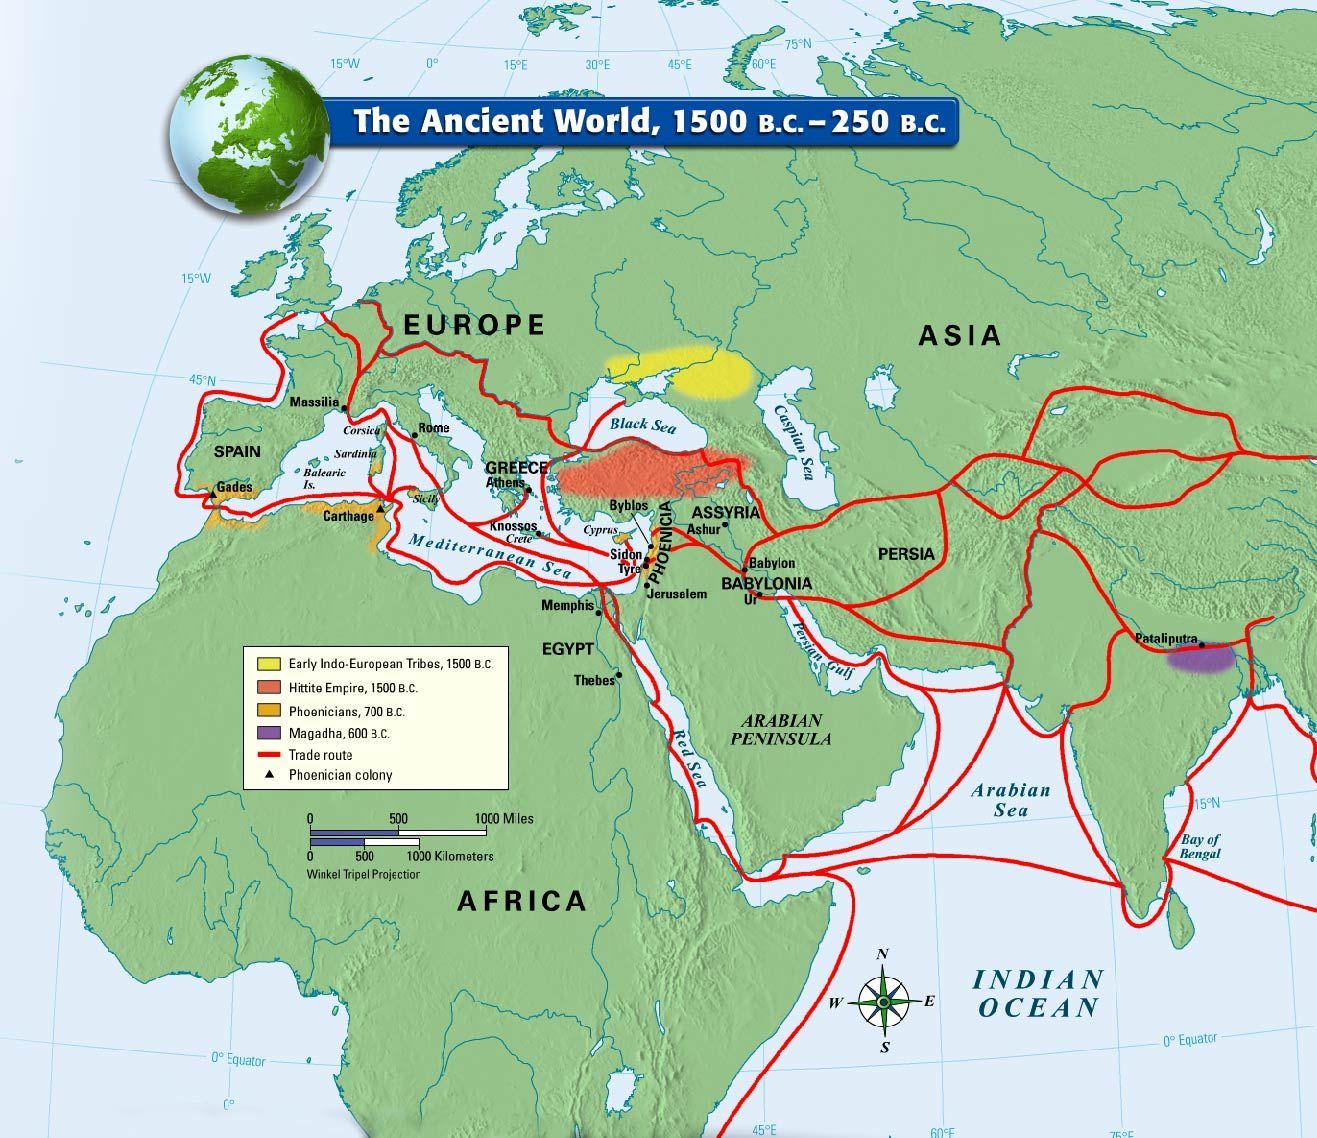 mcdawh20050618376798P59f1jpg 13171138  Cartografia Atlas